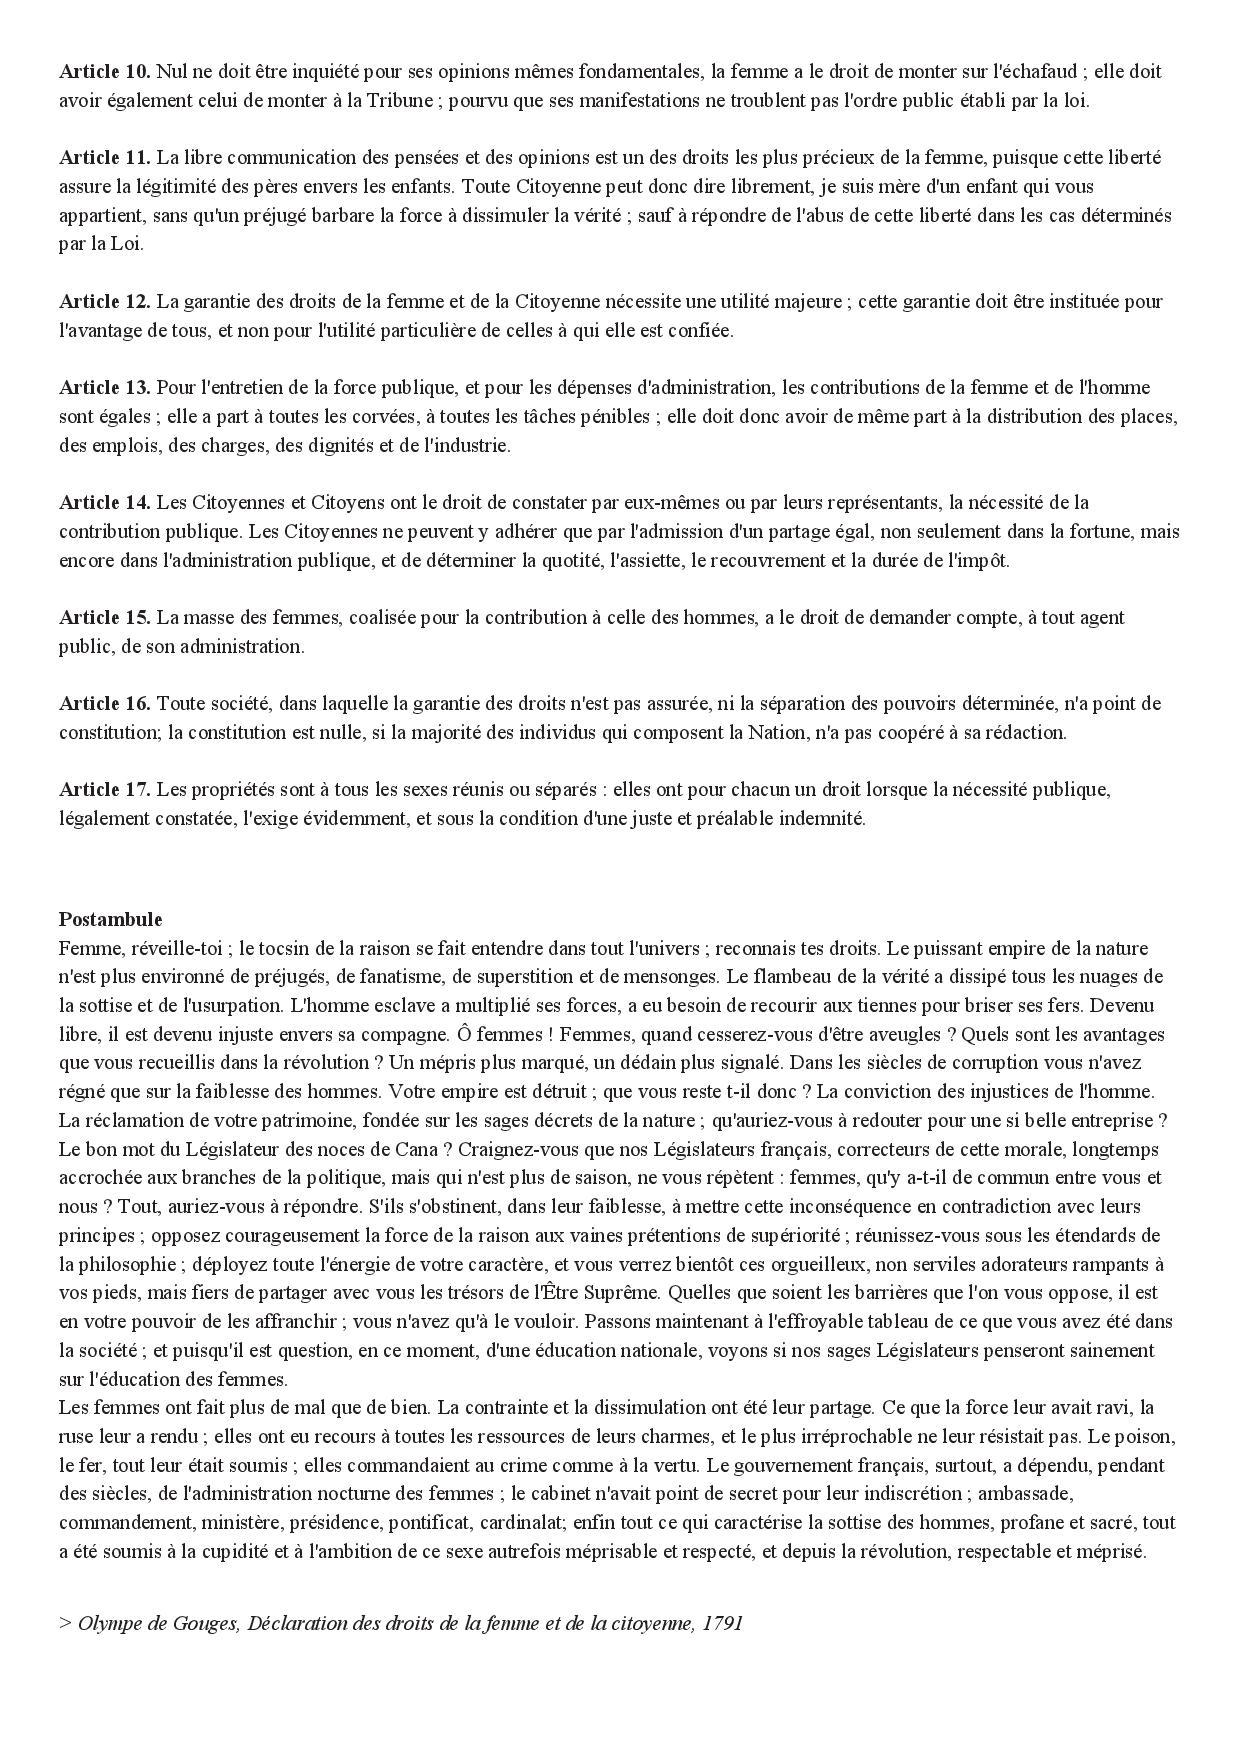 Déclaration_Droits_Femme_Olympe_Gouges2.jpg